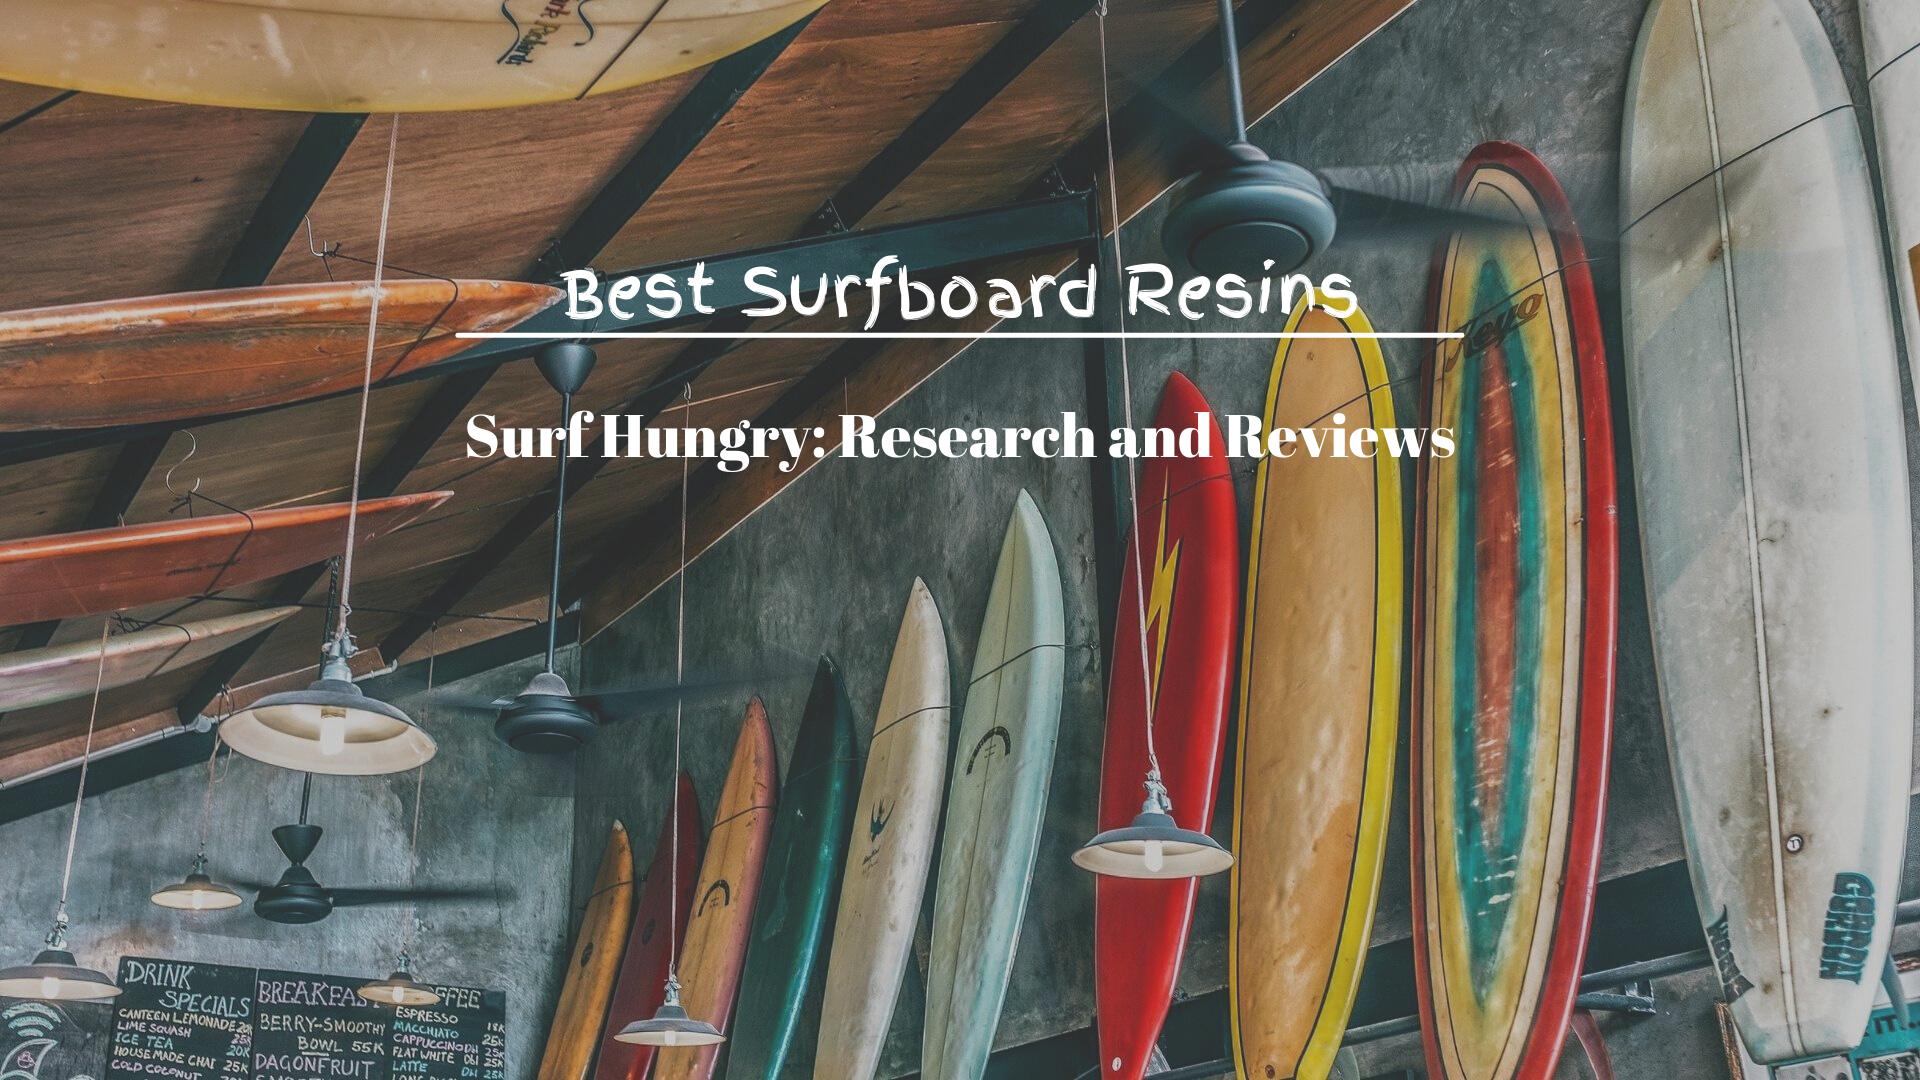 Best Surfboard Resins